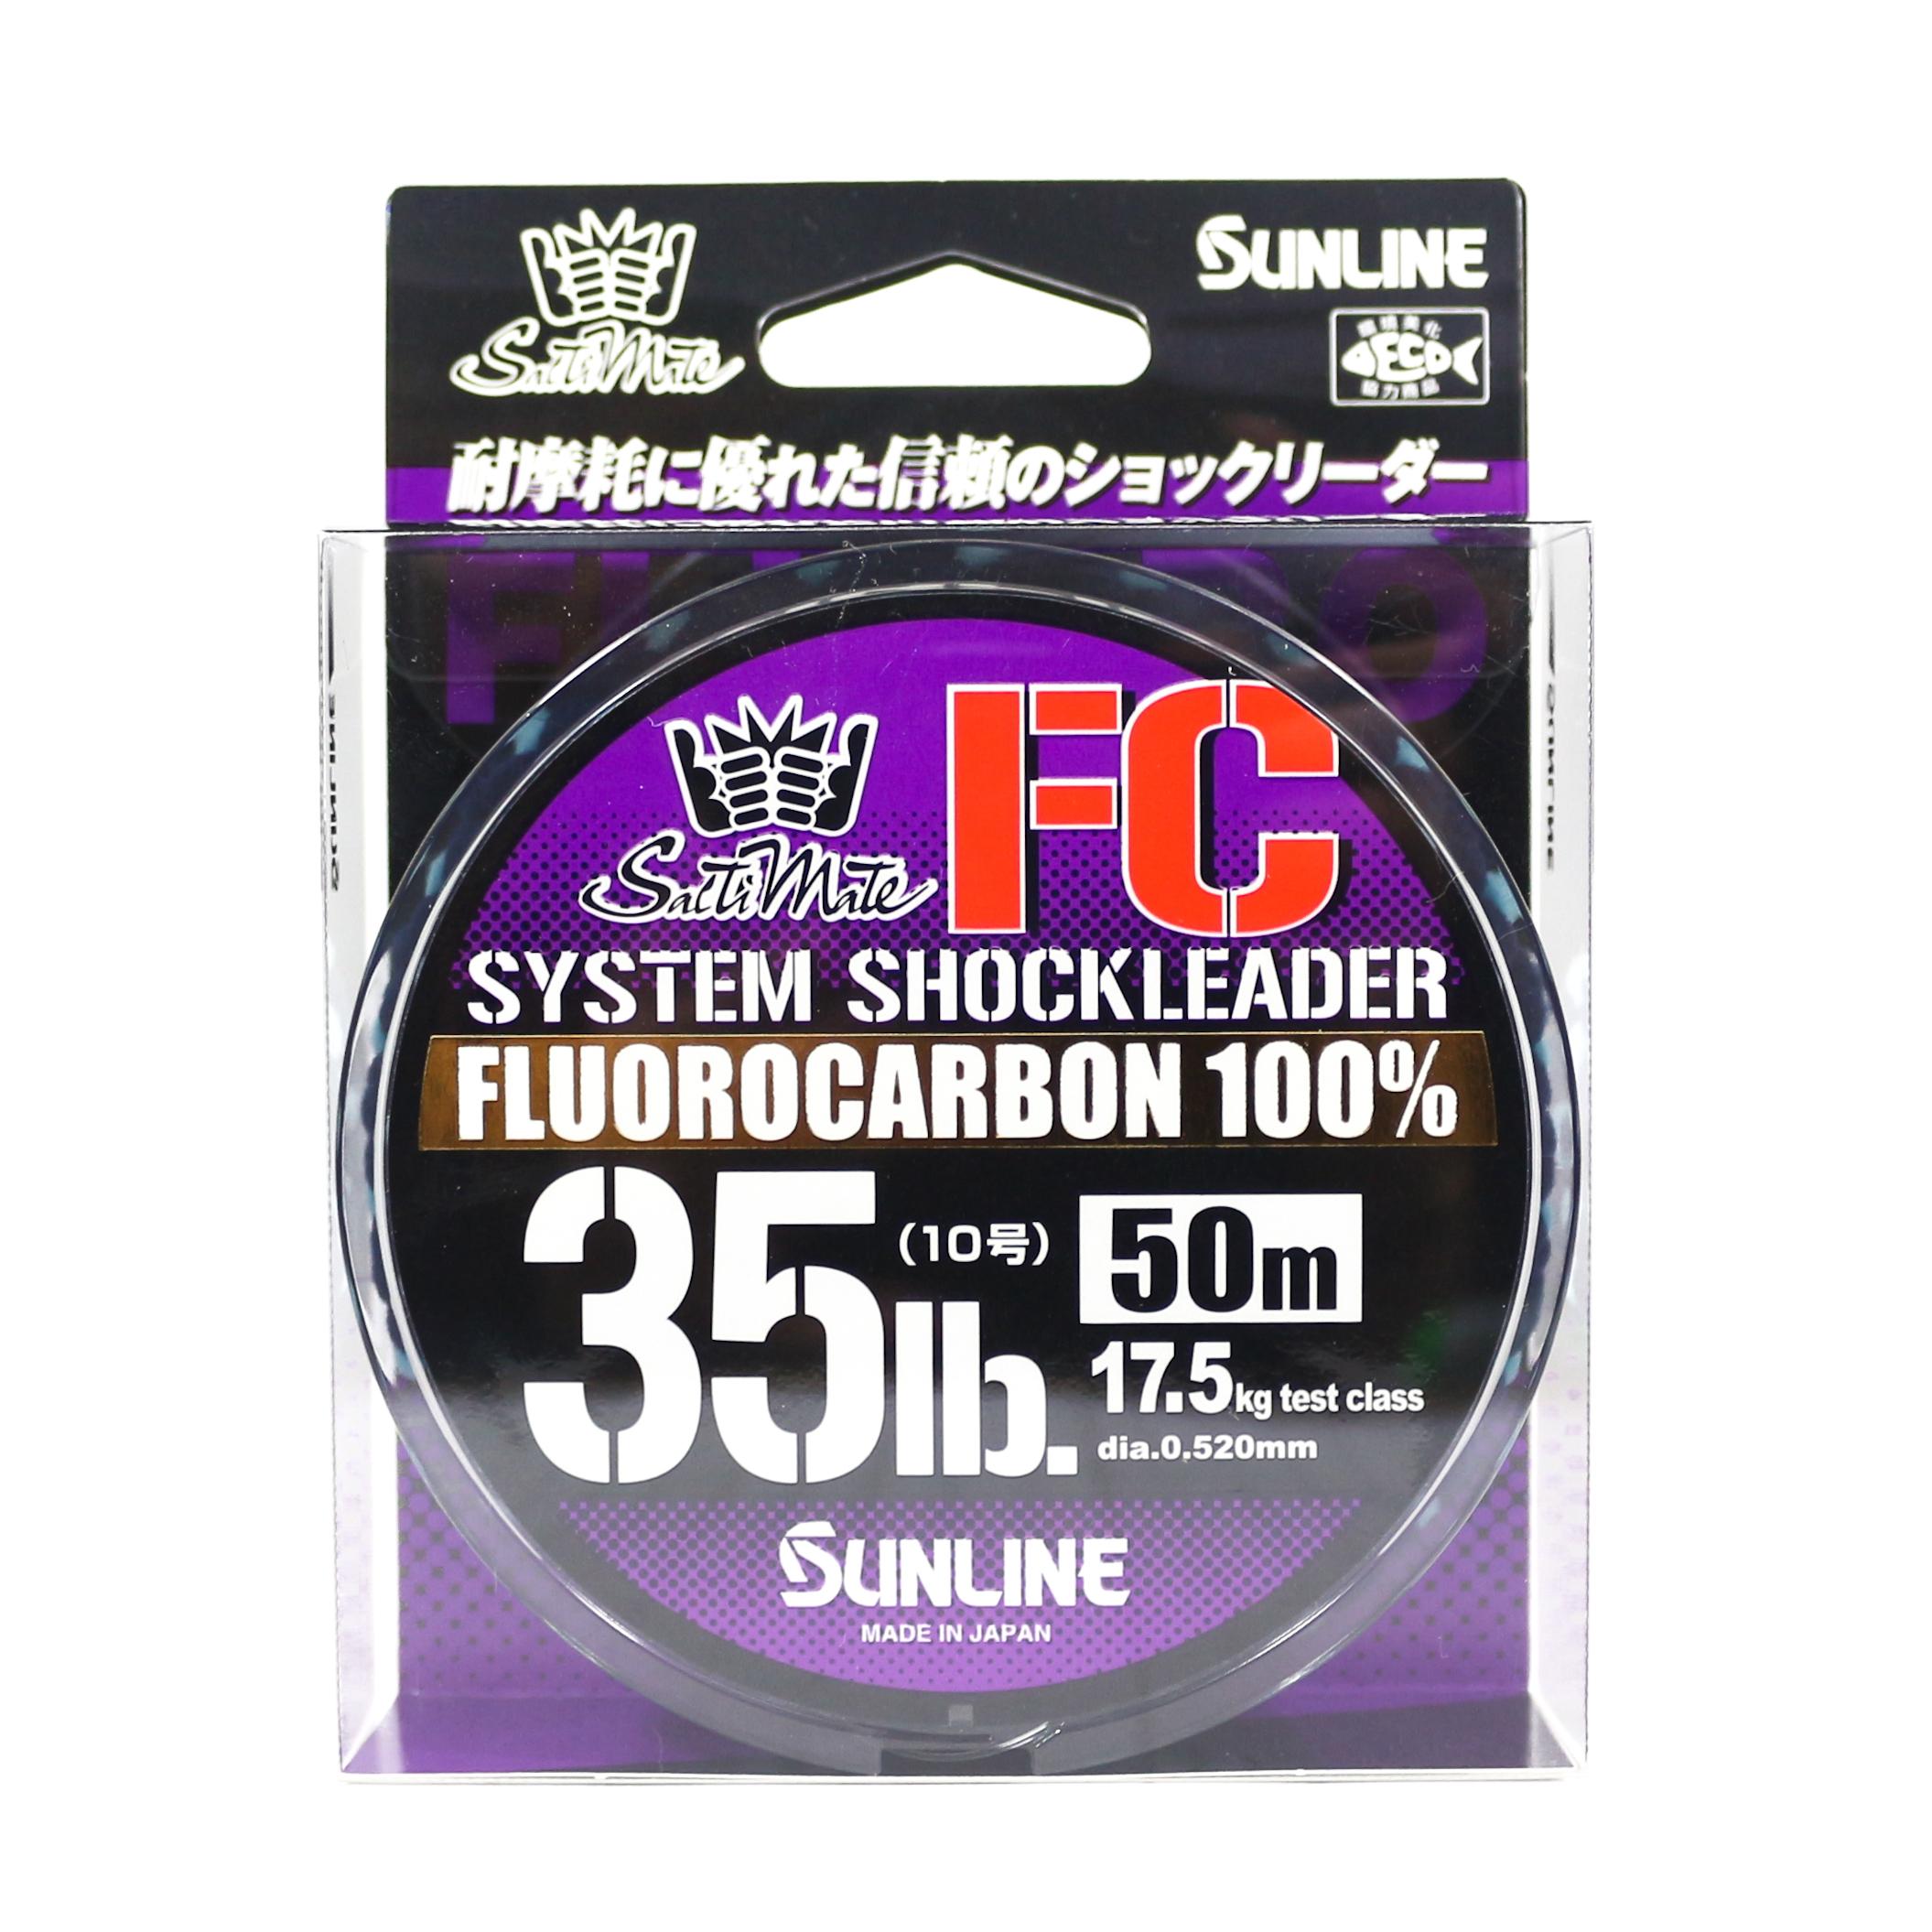 Sunline Saltwater System Shock Leader Fluorocarbon FC 50m 35lb (9192)